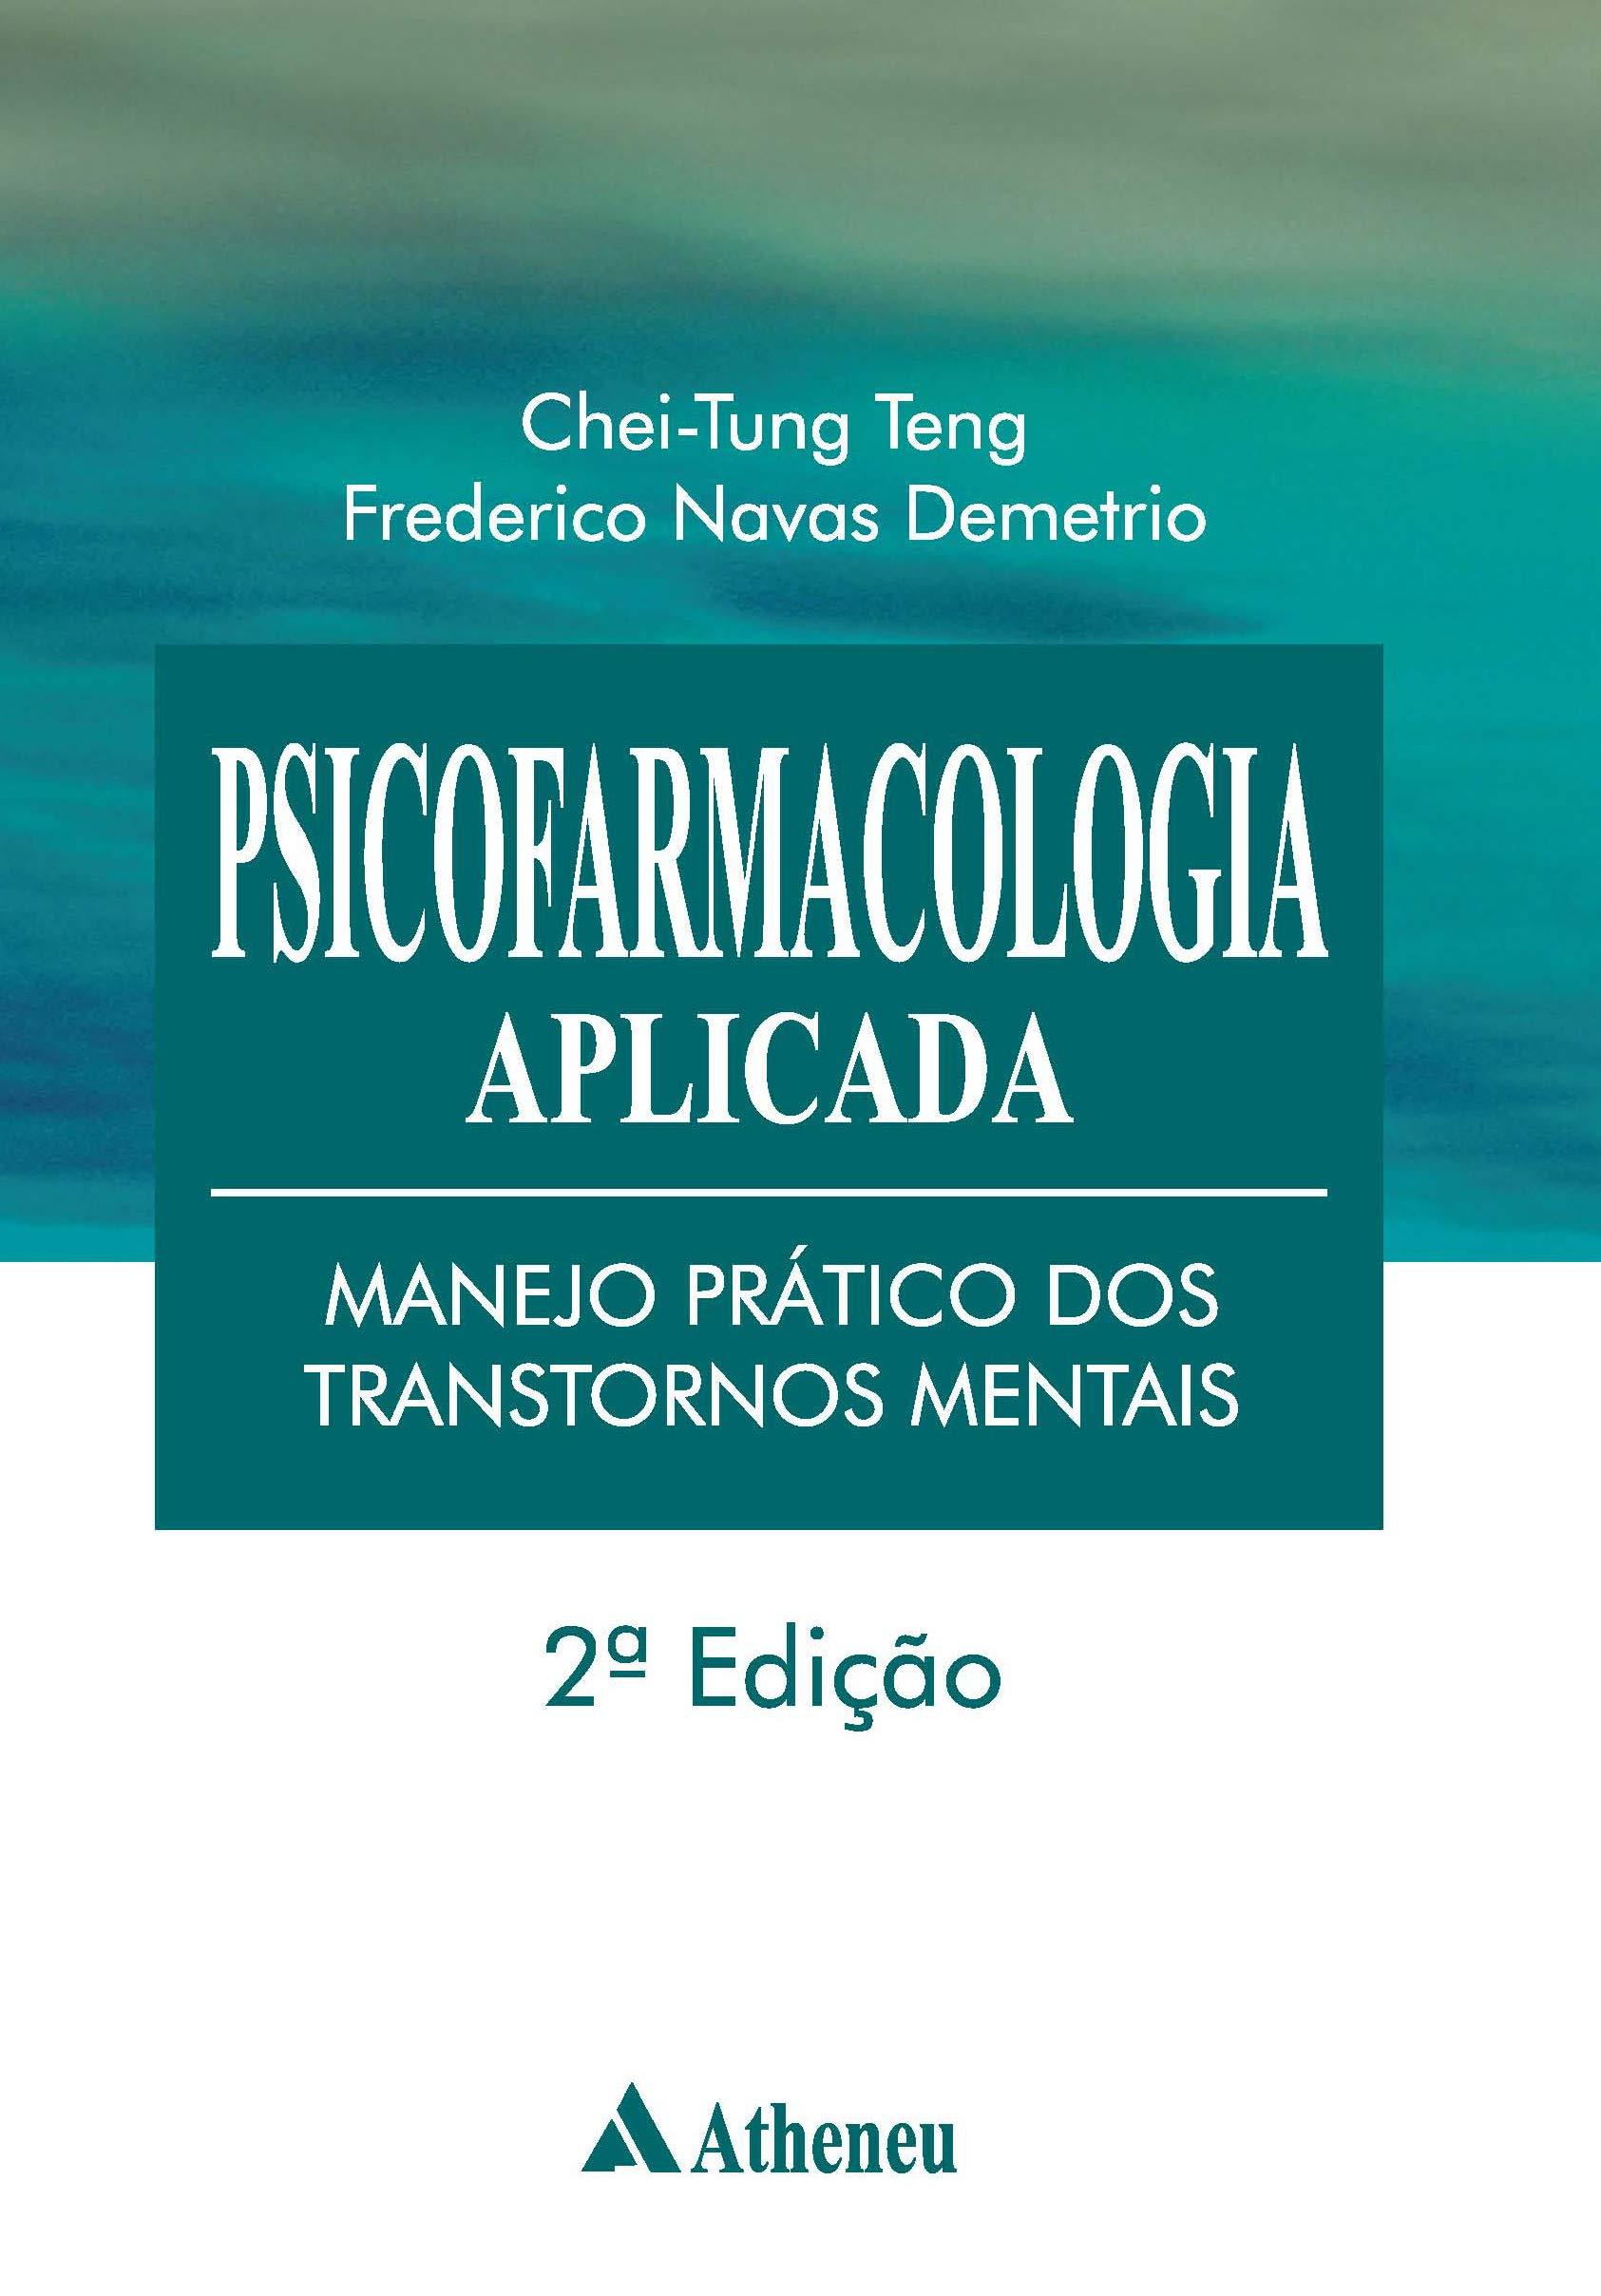 Psicofarmacologia Aplicada   Manejo Prático Dos Transtornos Mentais   2ª Edição  Portuguese Edition